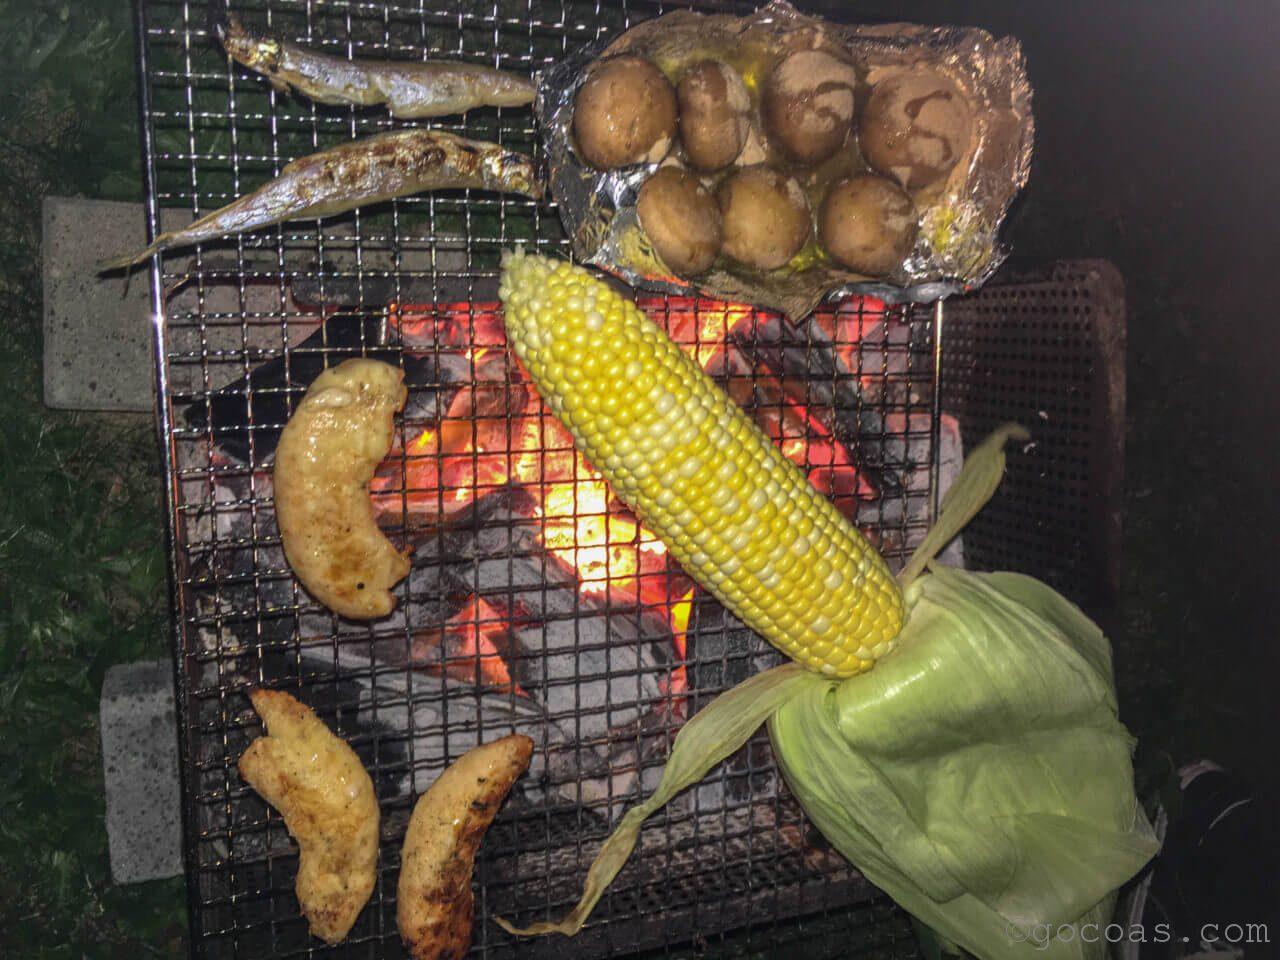 キャンプで野菜を炭火で焼いている